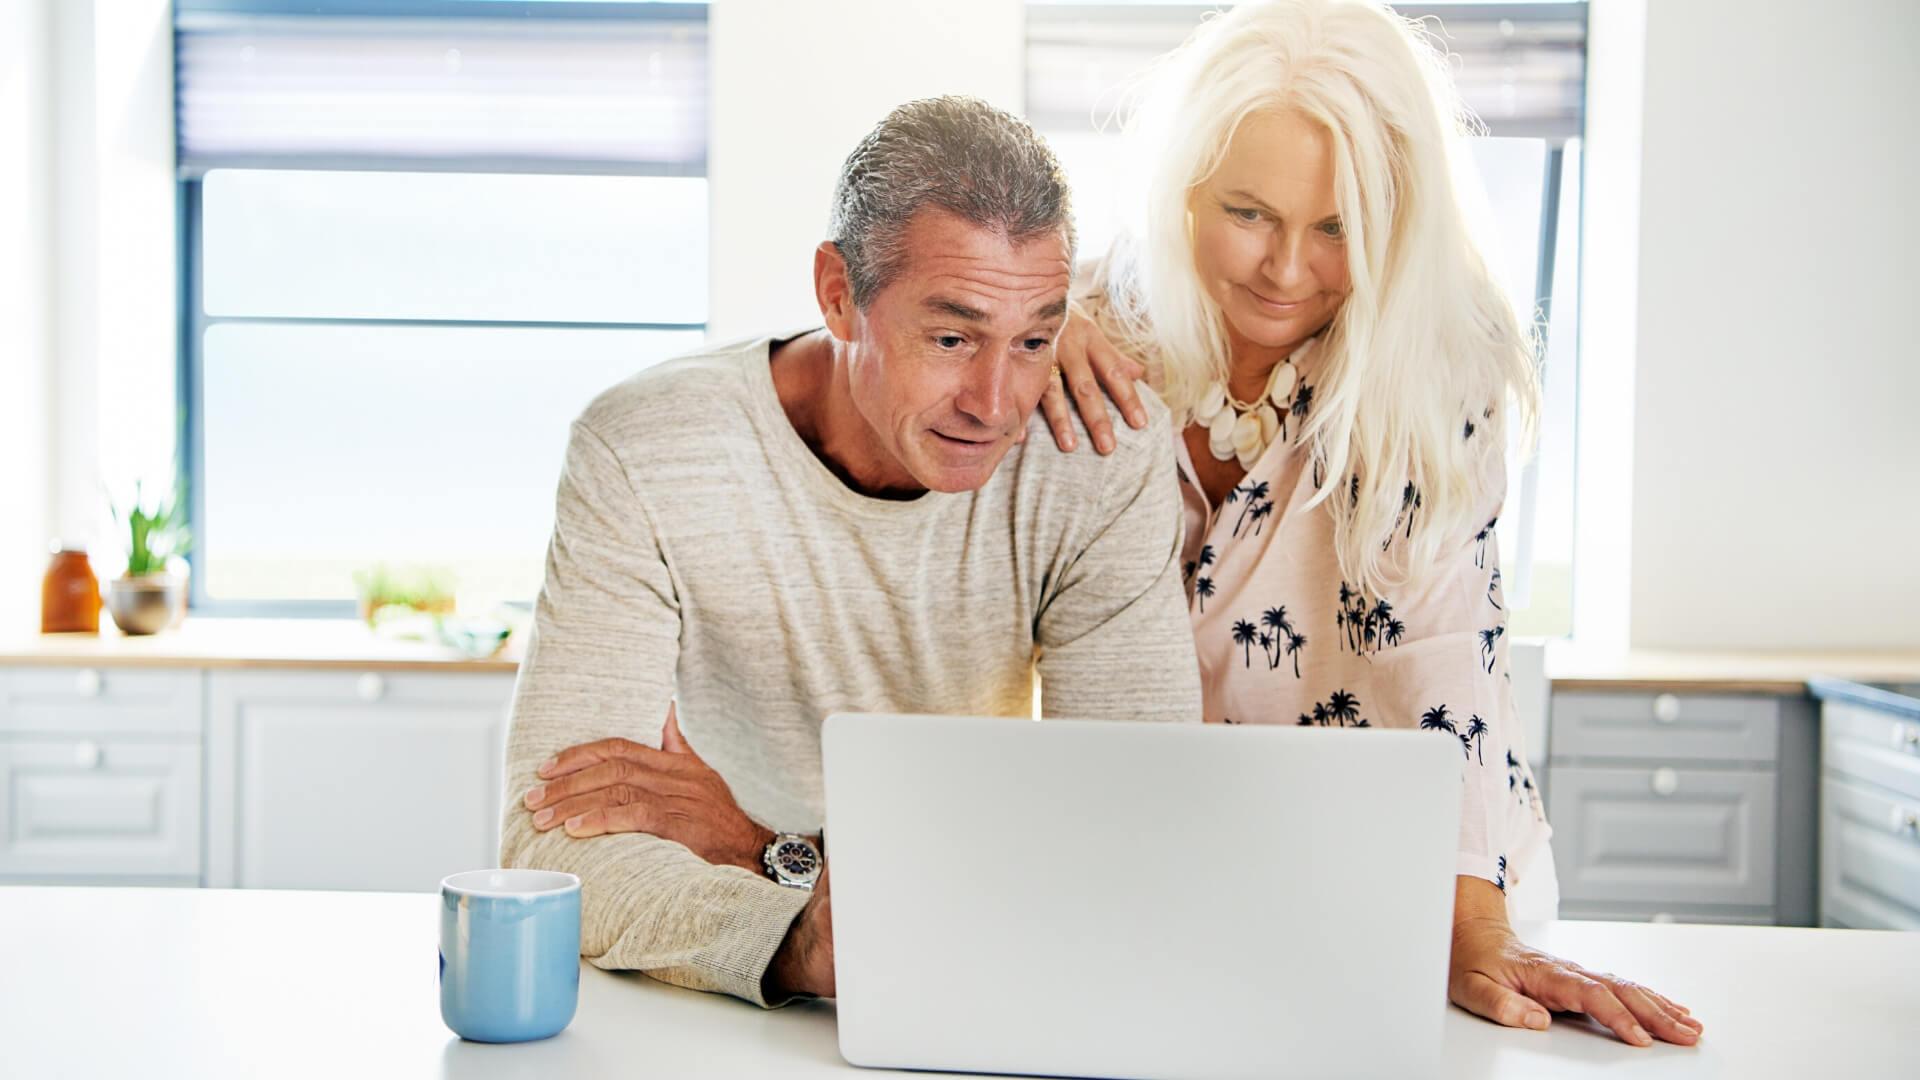 3 Tips for Proper 401(k) Management